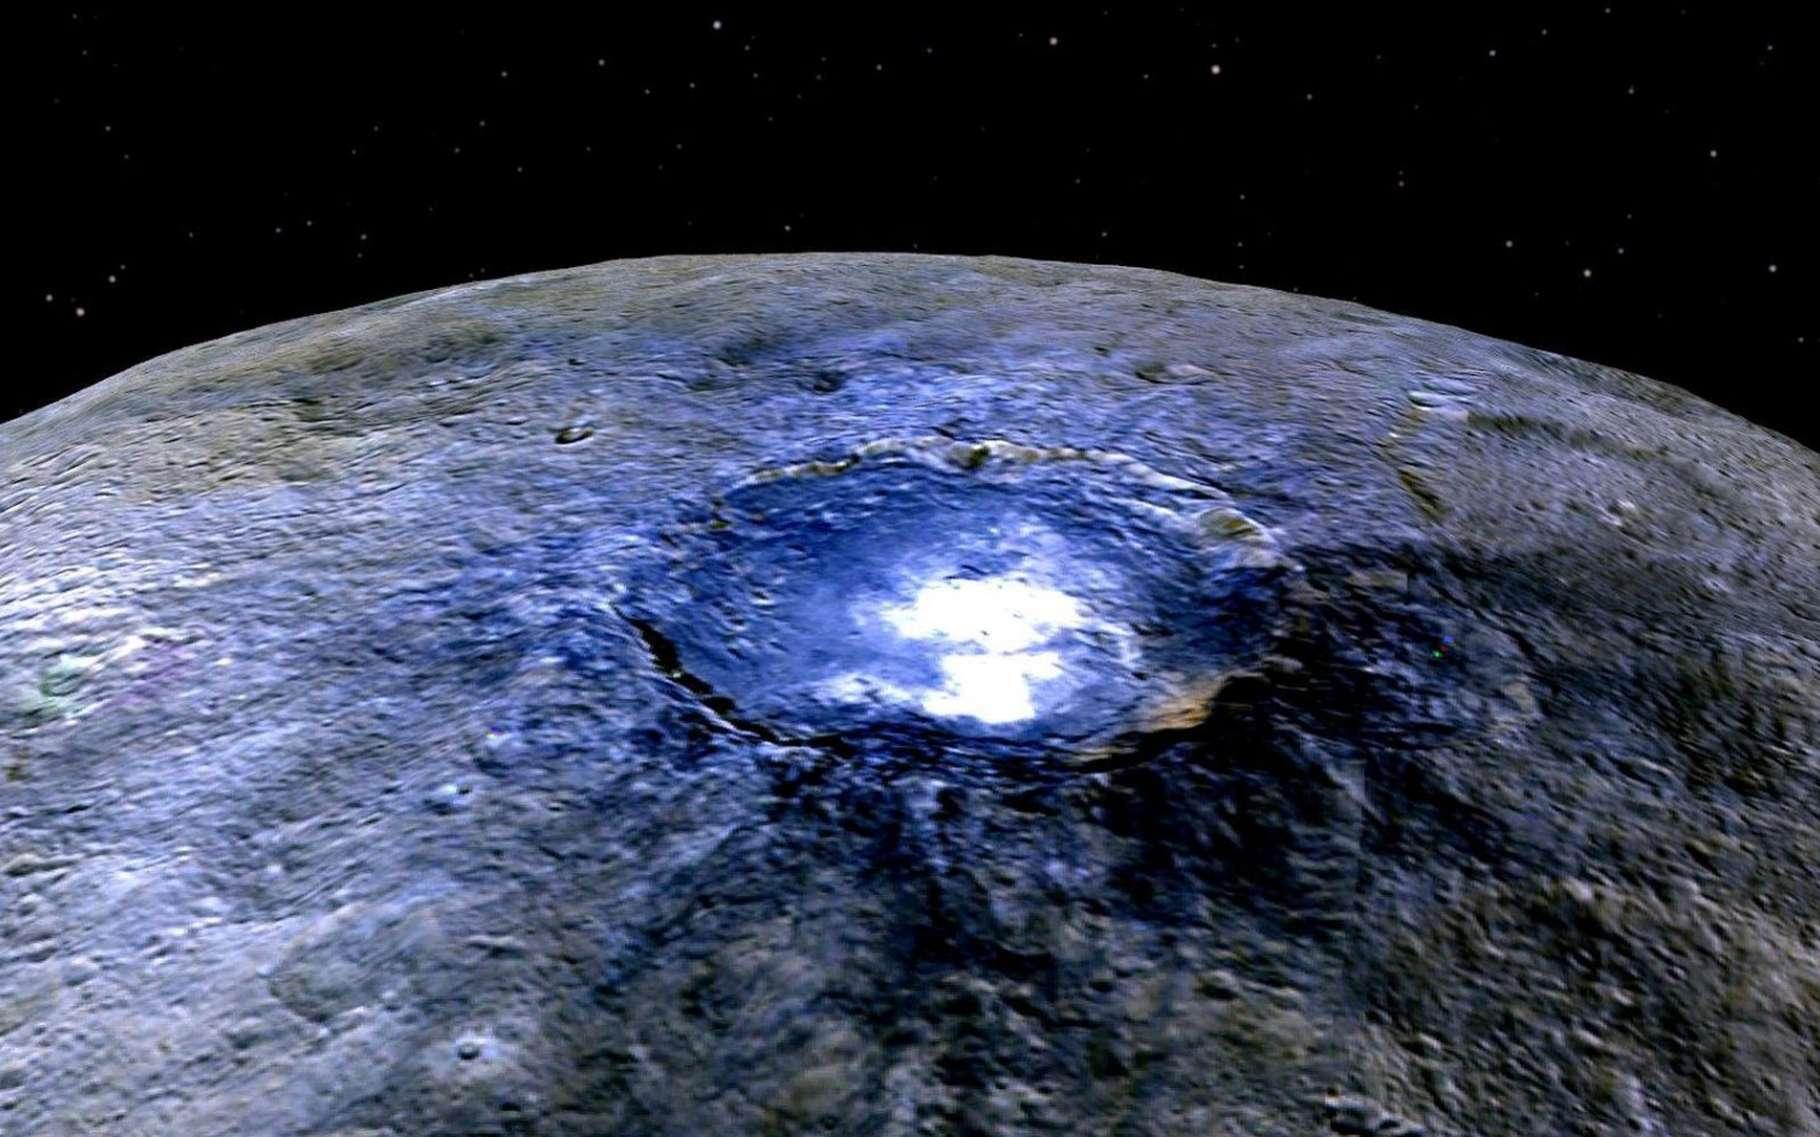 Image en fausses couleurs de Cérès. Acquise depuis une altitude de 4.400 kilomètres, elle renseigne les scientifiques sur les différents composants de la surface de cette planète naine. Cette couleur bleue est généralement associée à des matériaux brillants, comme des sulfates. Plus de 130 autres endroits de ce type ont été recensés sur cette planète naine. © Nasa, JPL-Caltech, UCLA, MPS, DLR, IDA